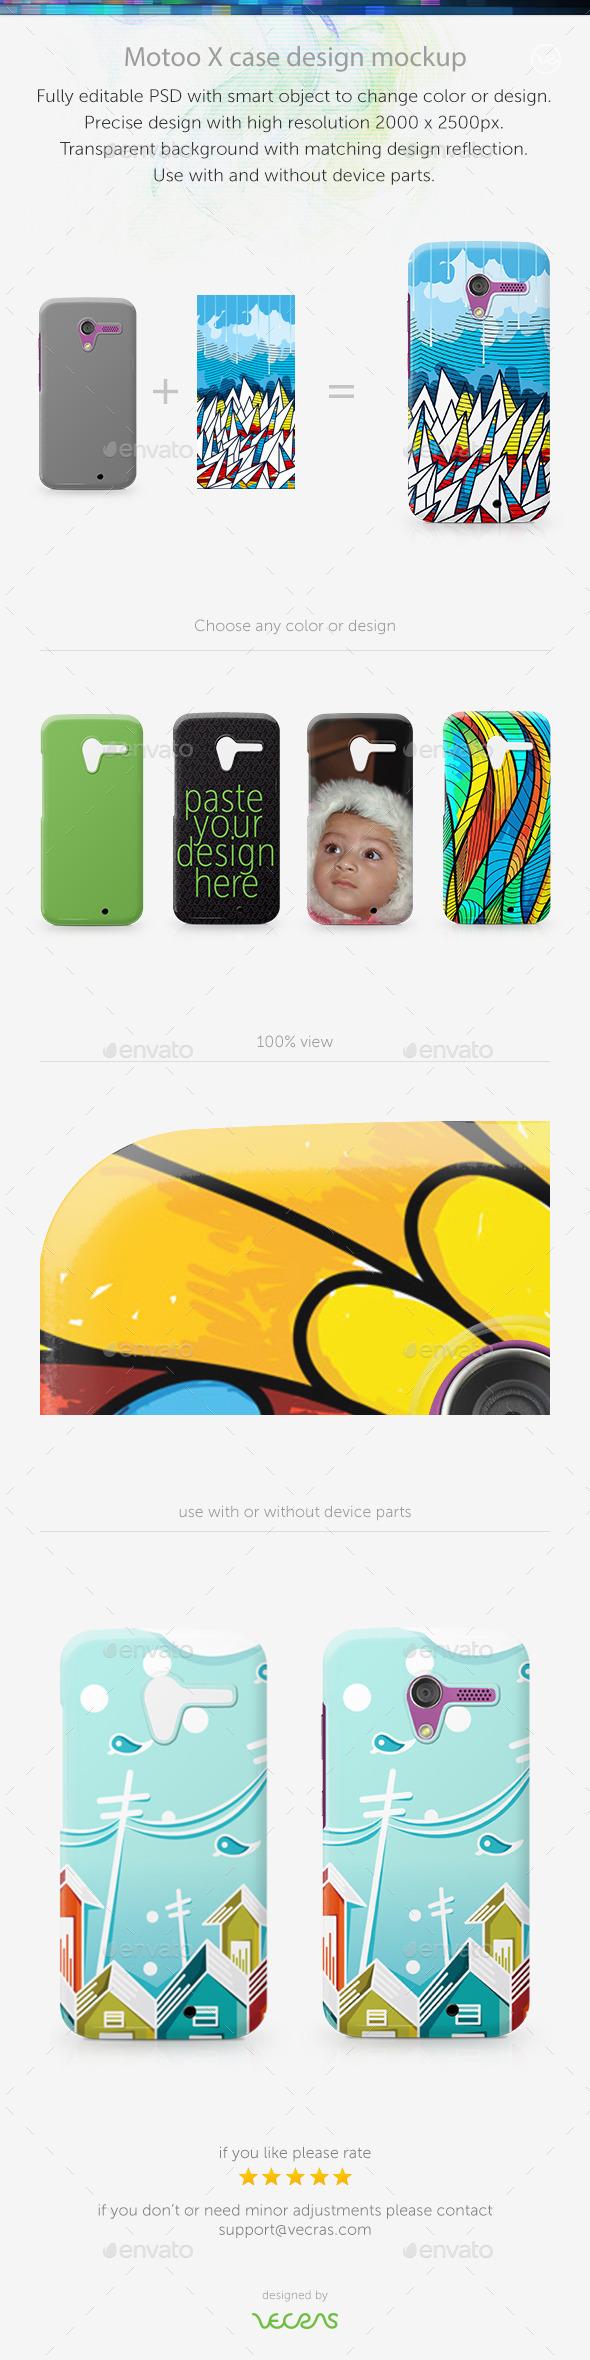 Motoo X Case Design Mockup - Mobile Displays